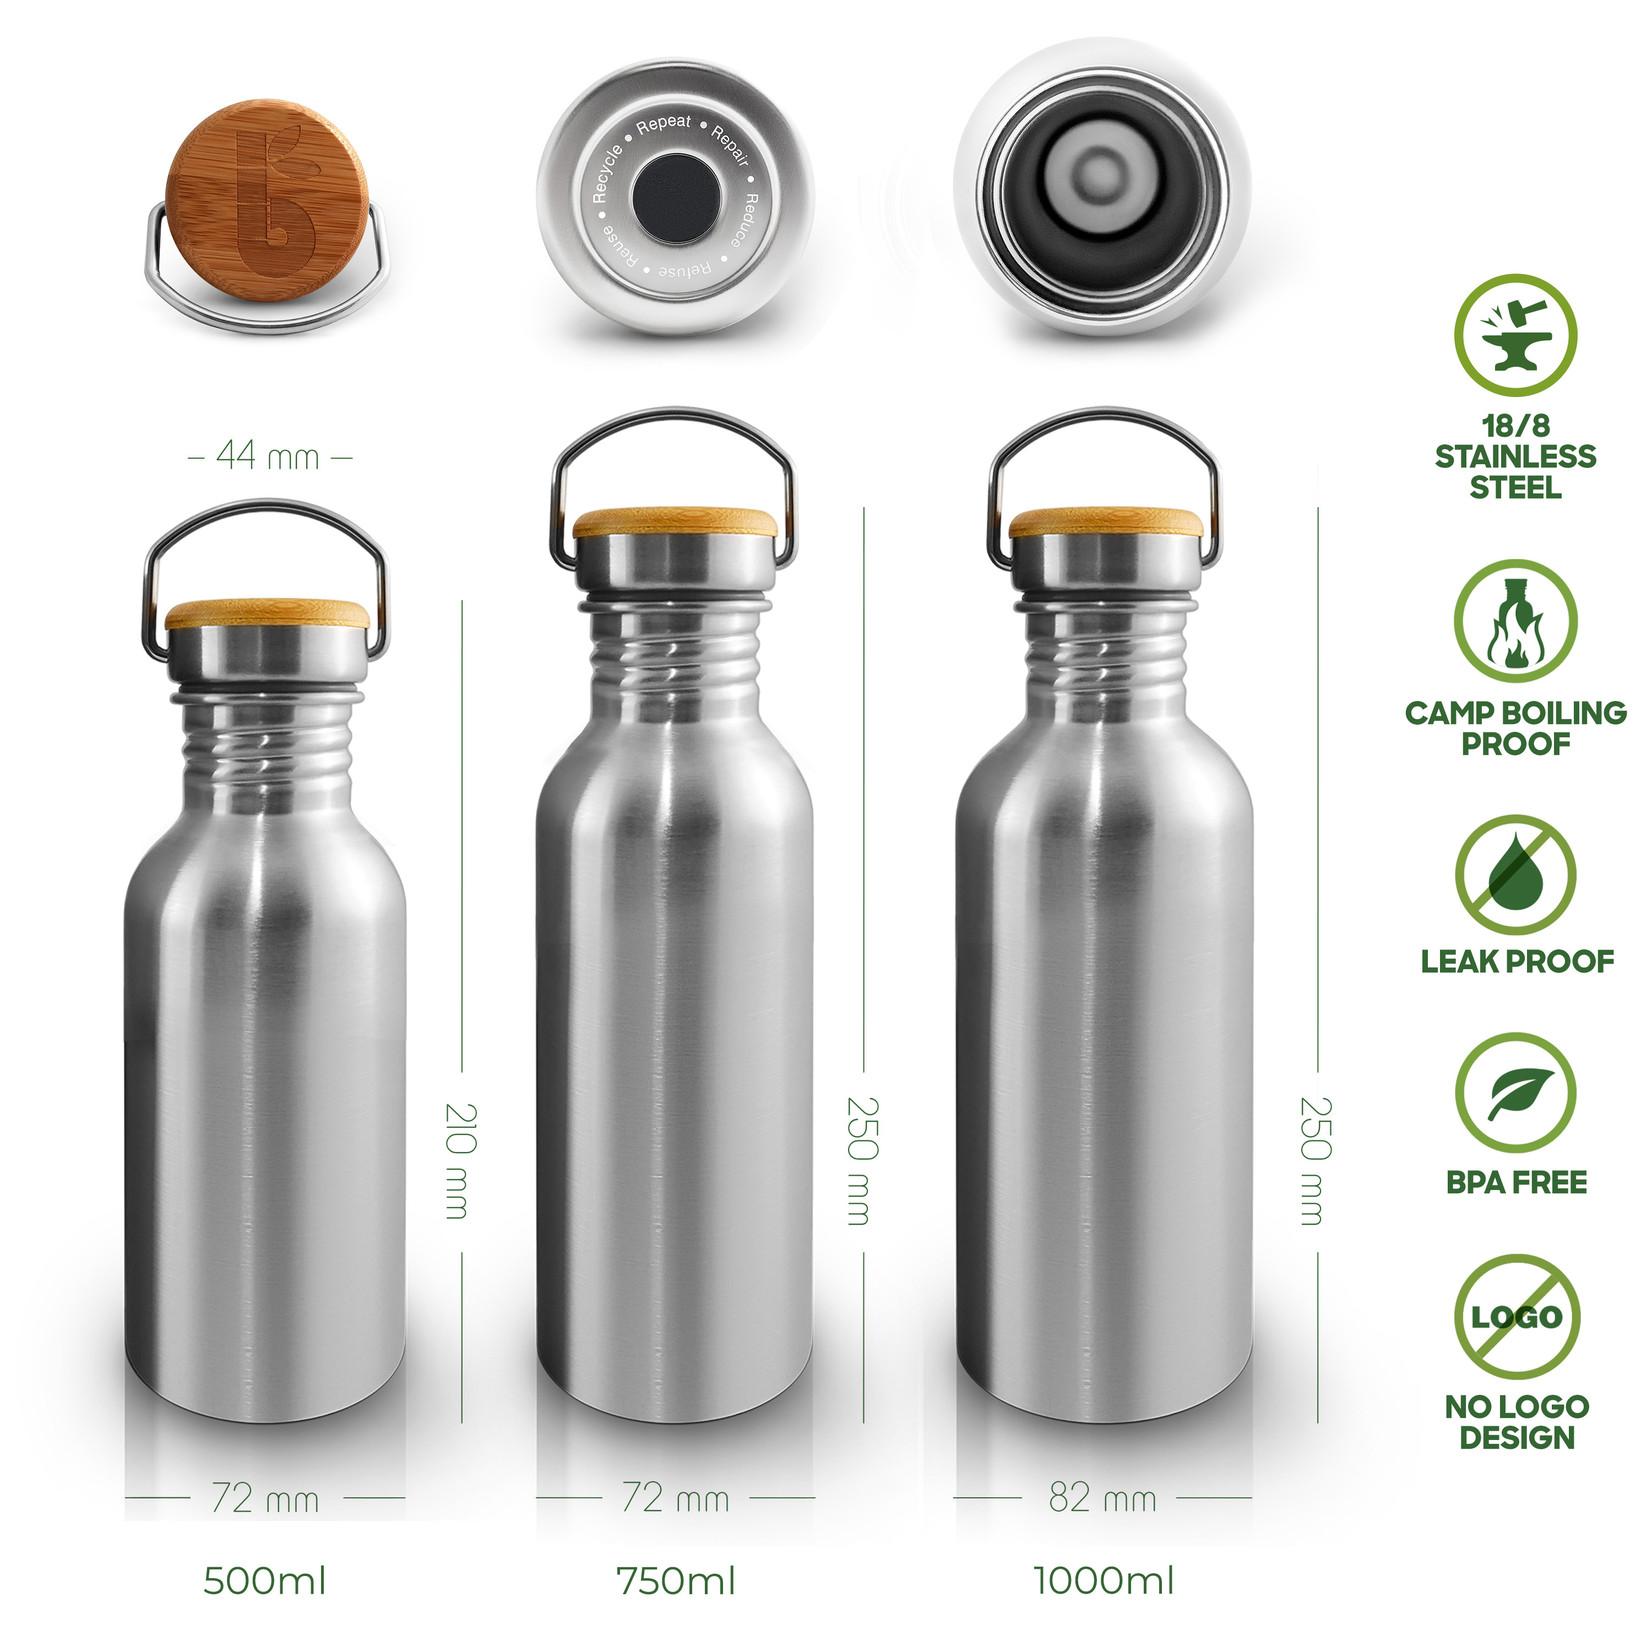 Bambaw BAMBAW - Stainless steel bottle - 750ml & 1000ml